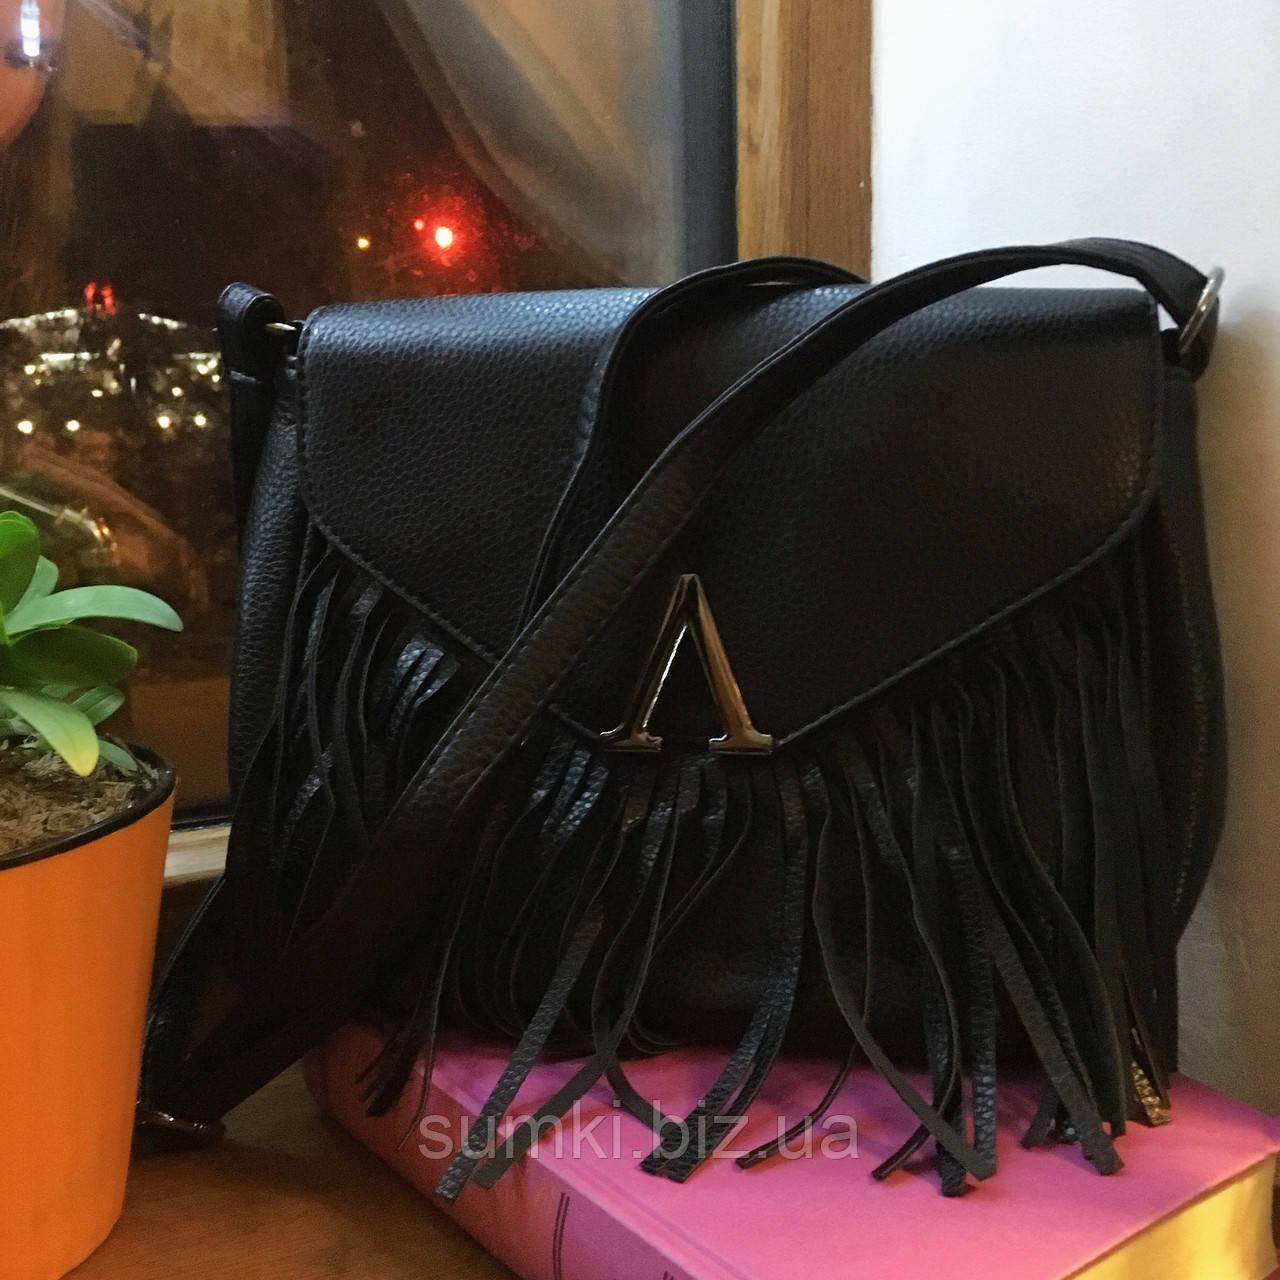 Сумки crossbody реплика Louis Vuitton